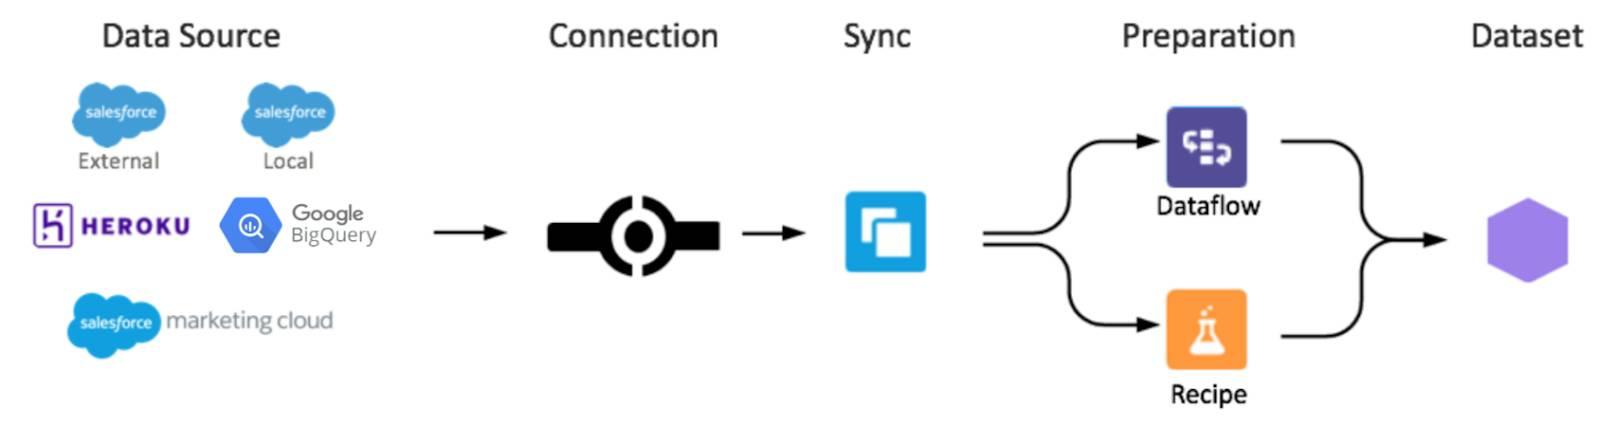 BigQuery peut être sélectionné comme la source de données à partir de laquelle effectuer la synchronisation dans les jeux de données EinsteinAnalytics.